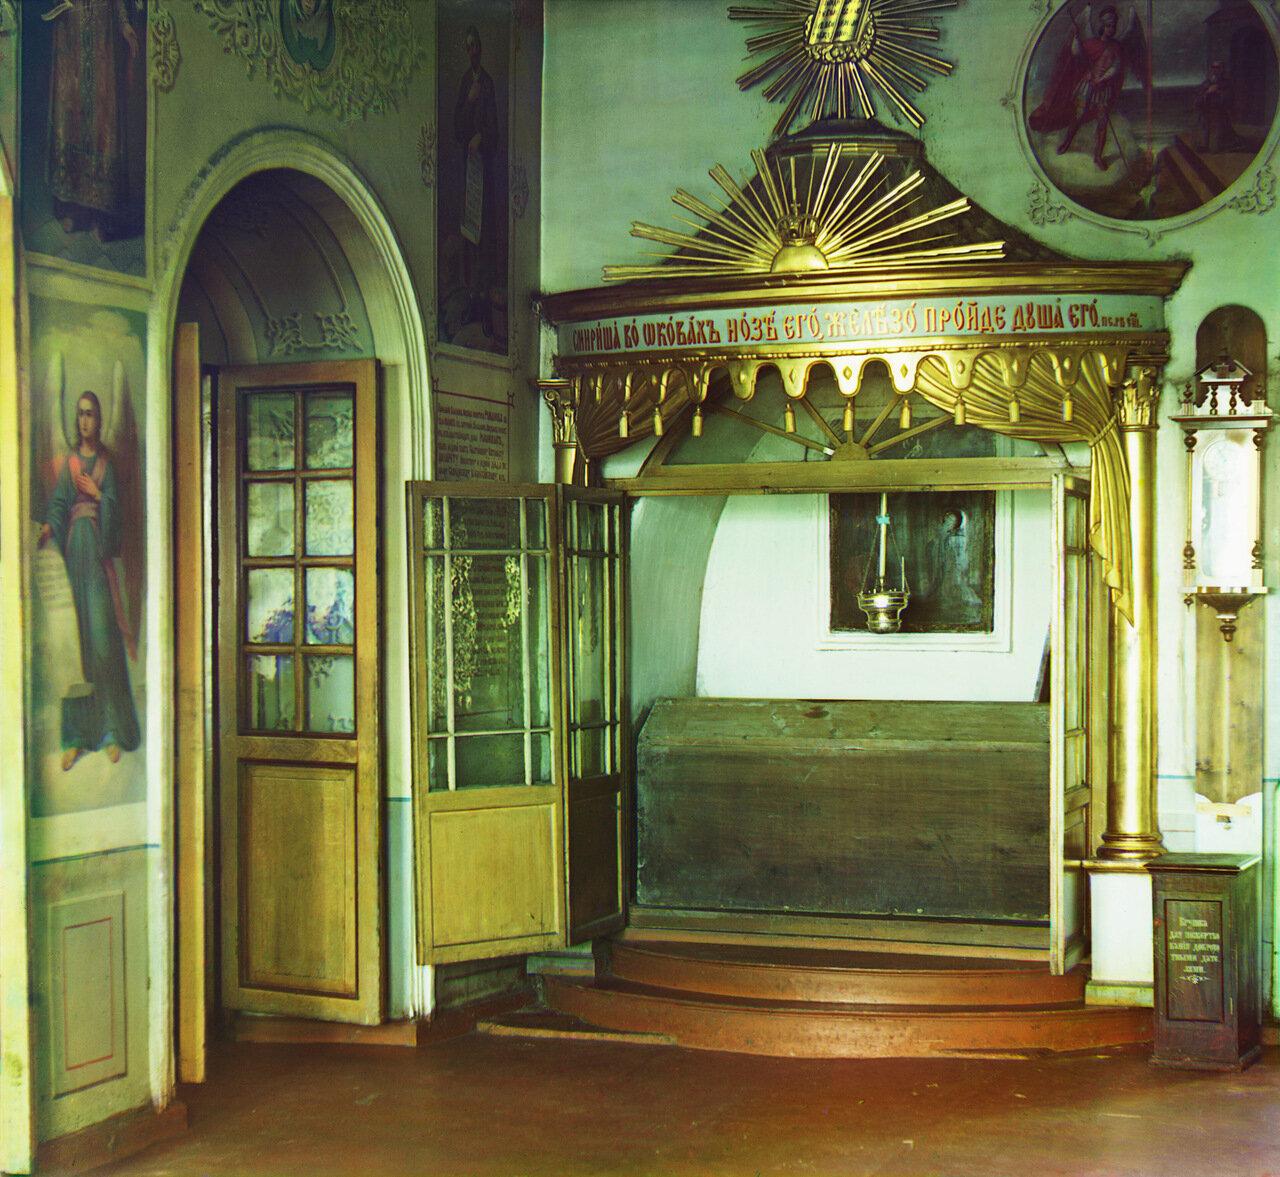 Гробница боярина Михаила Никитича Романова в с. Ныроб в зимнем соборе. Не ранее 1912.